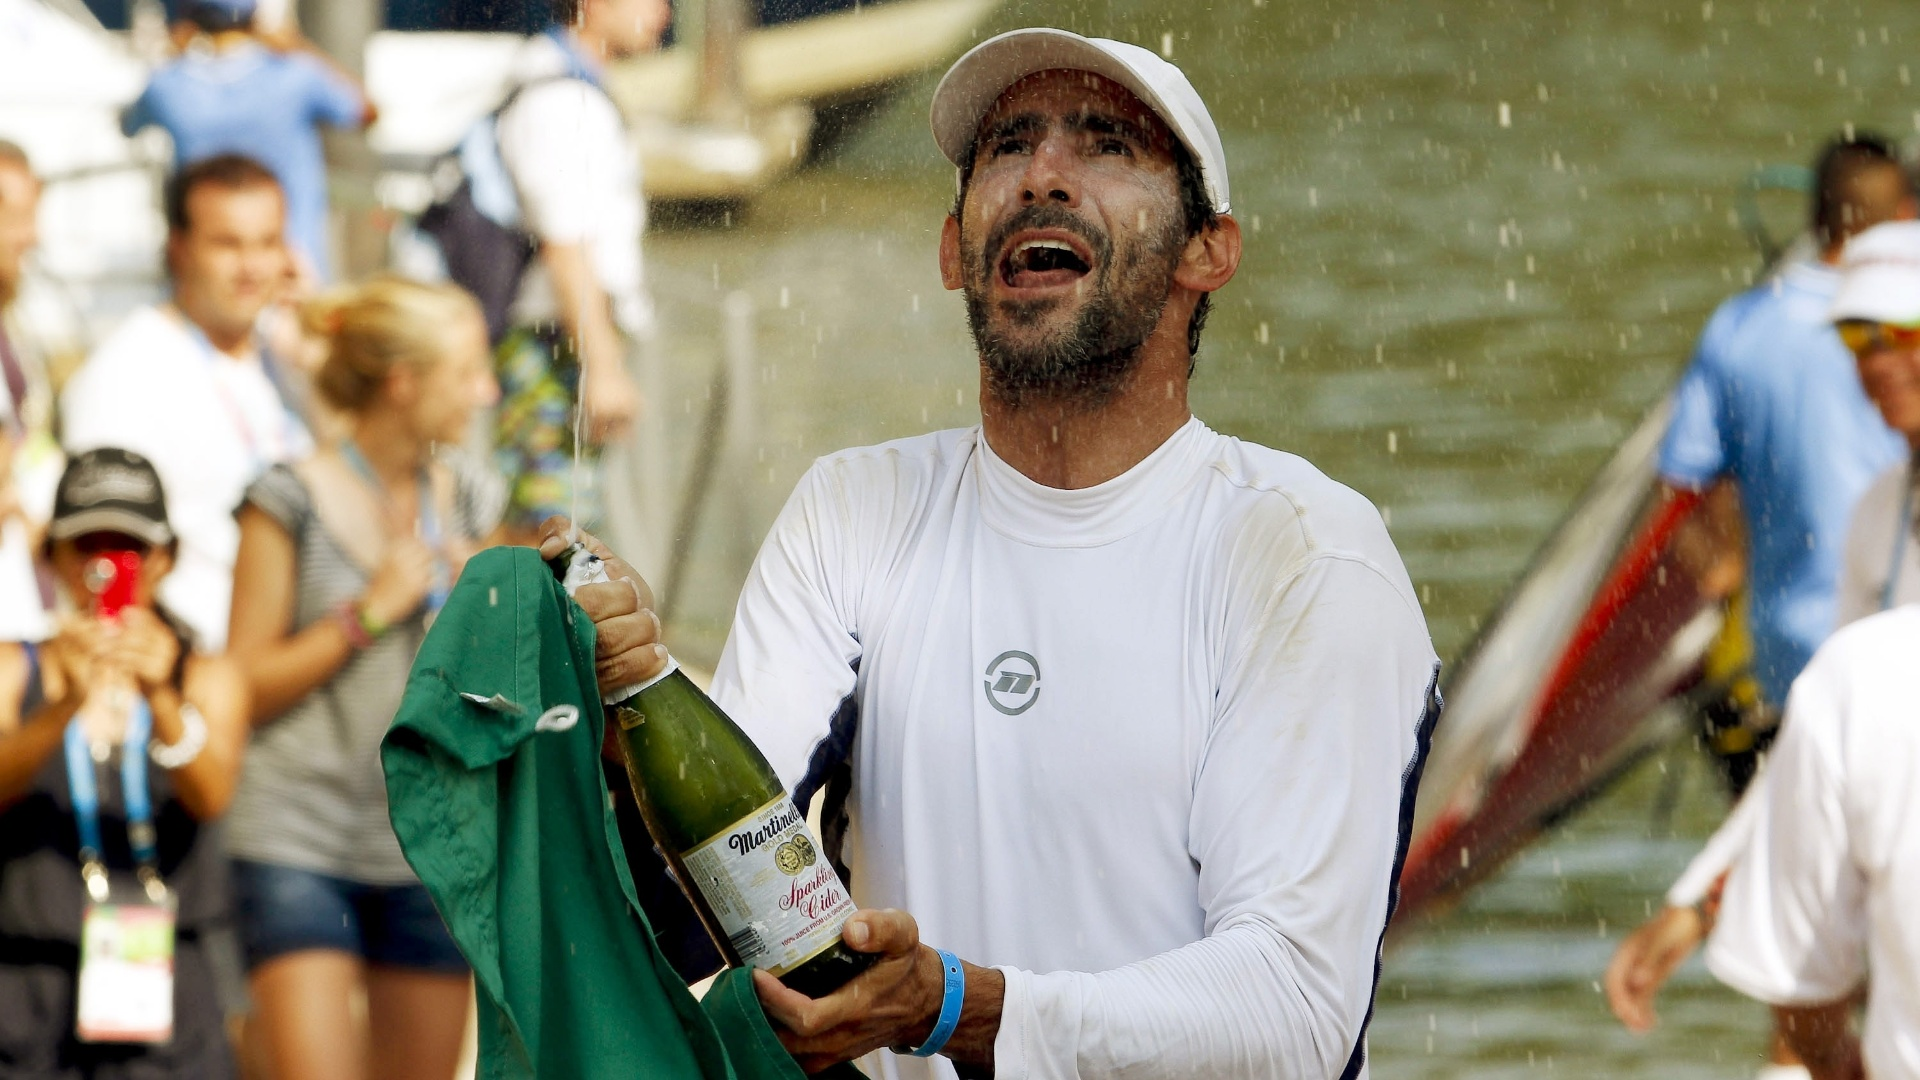 Ricardo Winicki, o Bimba, comemora lançando champanhe após a conquista da medalha de ouro na RS:X (23/10/2011)